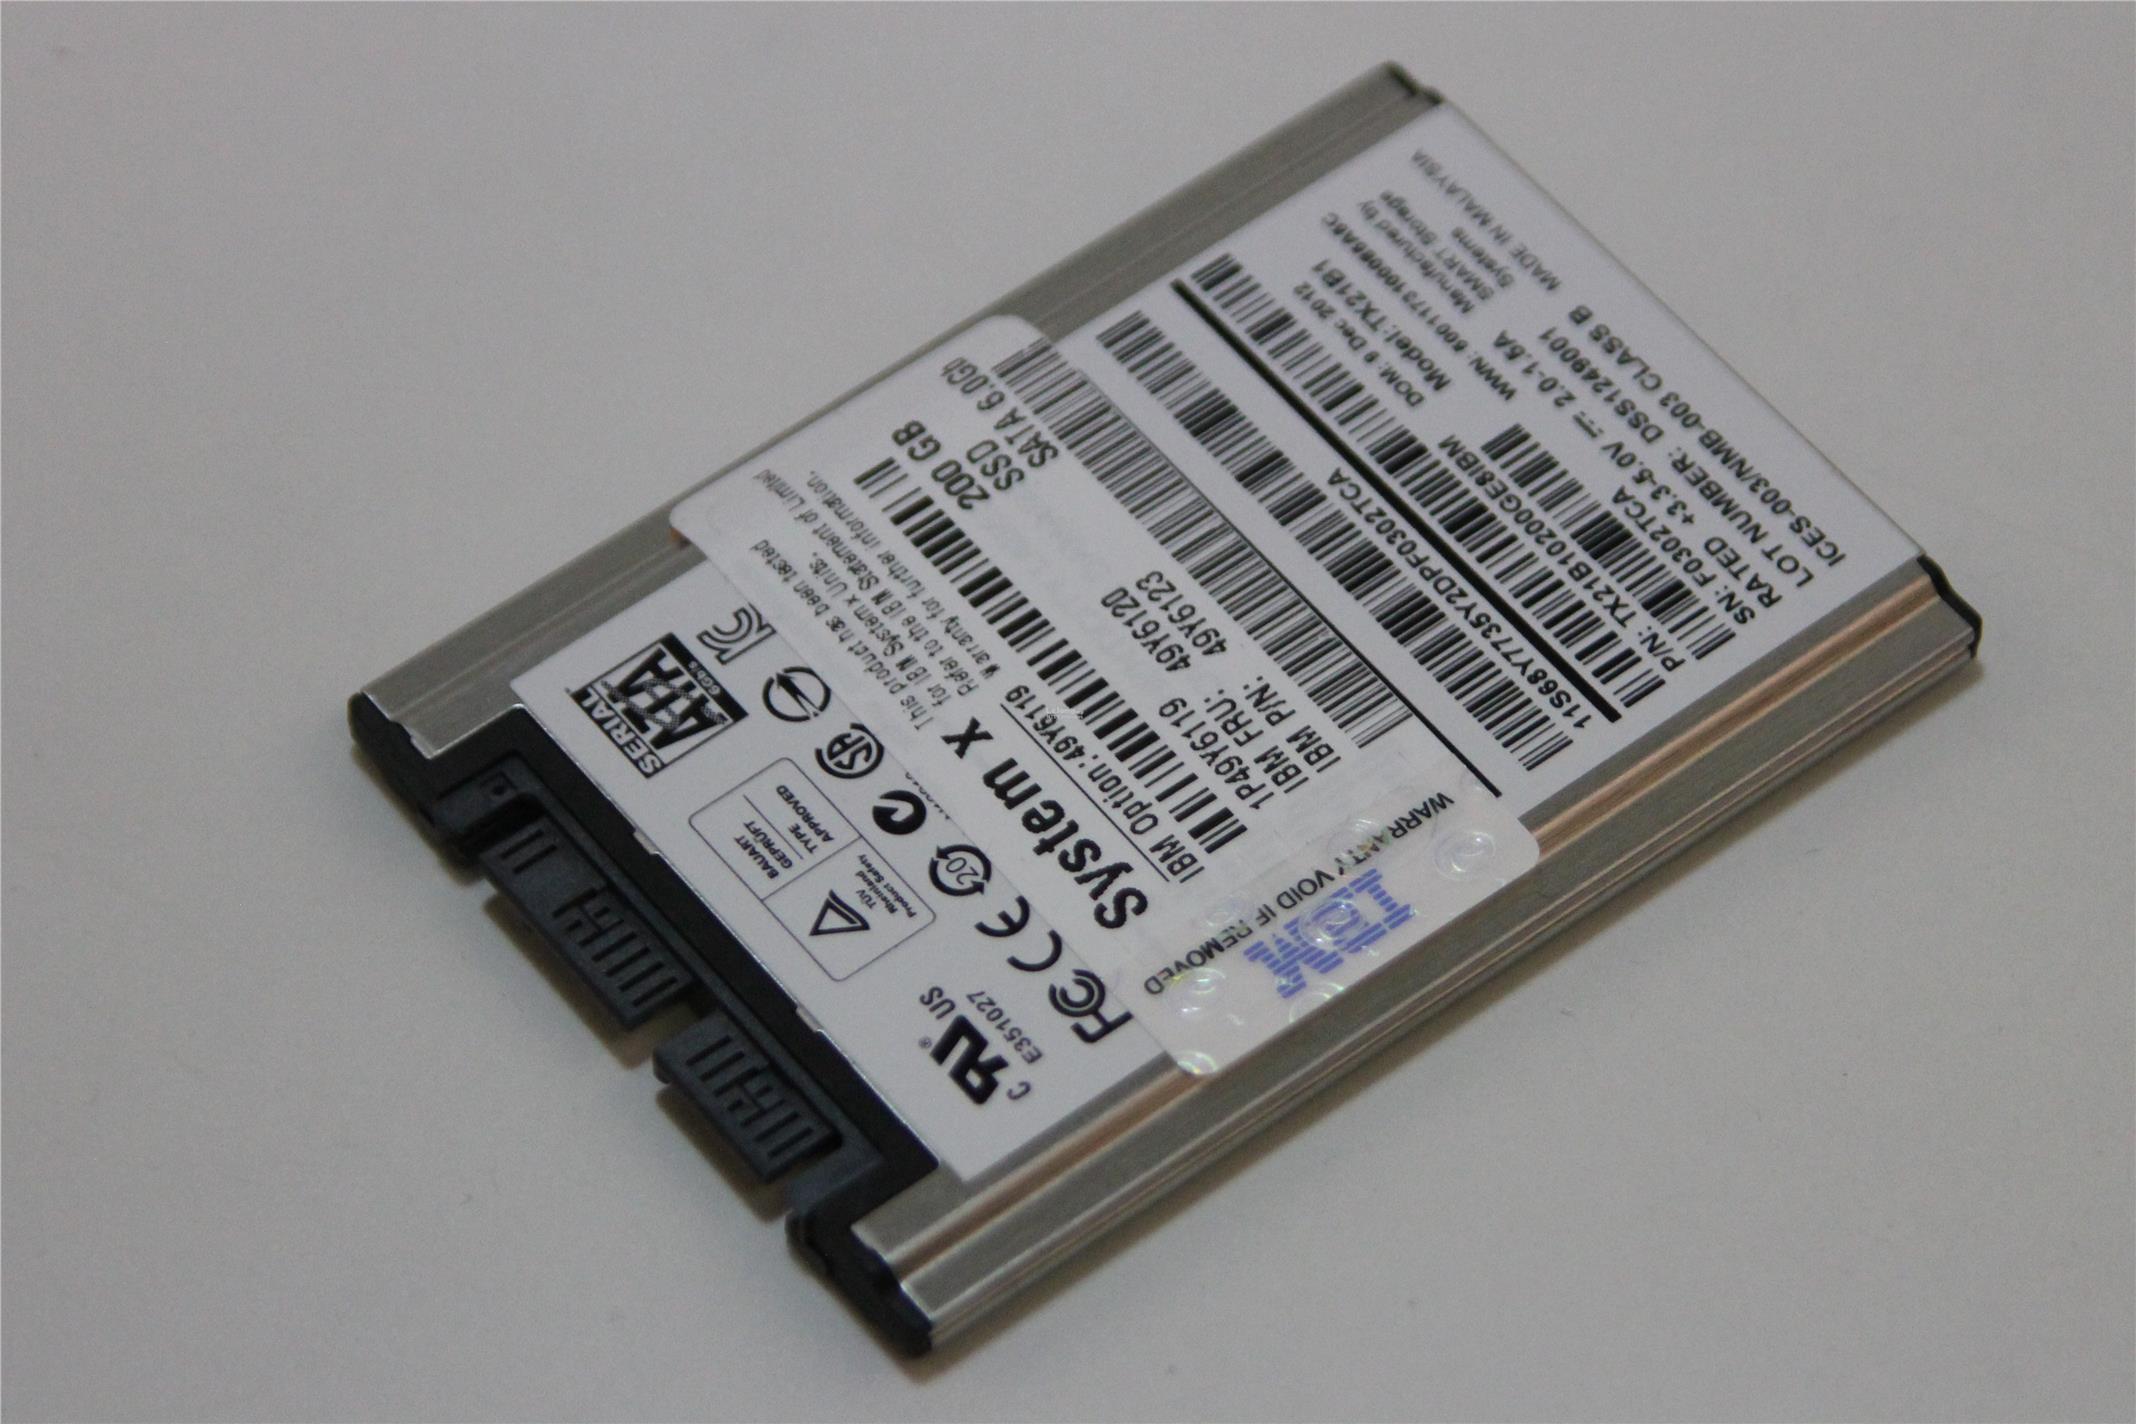 49Y6120 IBM 200Gb 6G SSD 1 8inch Harddrive